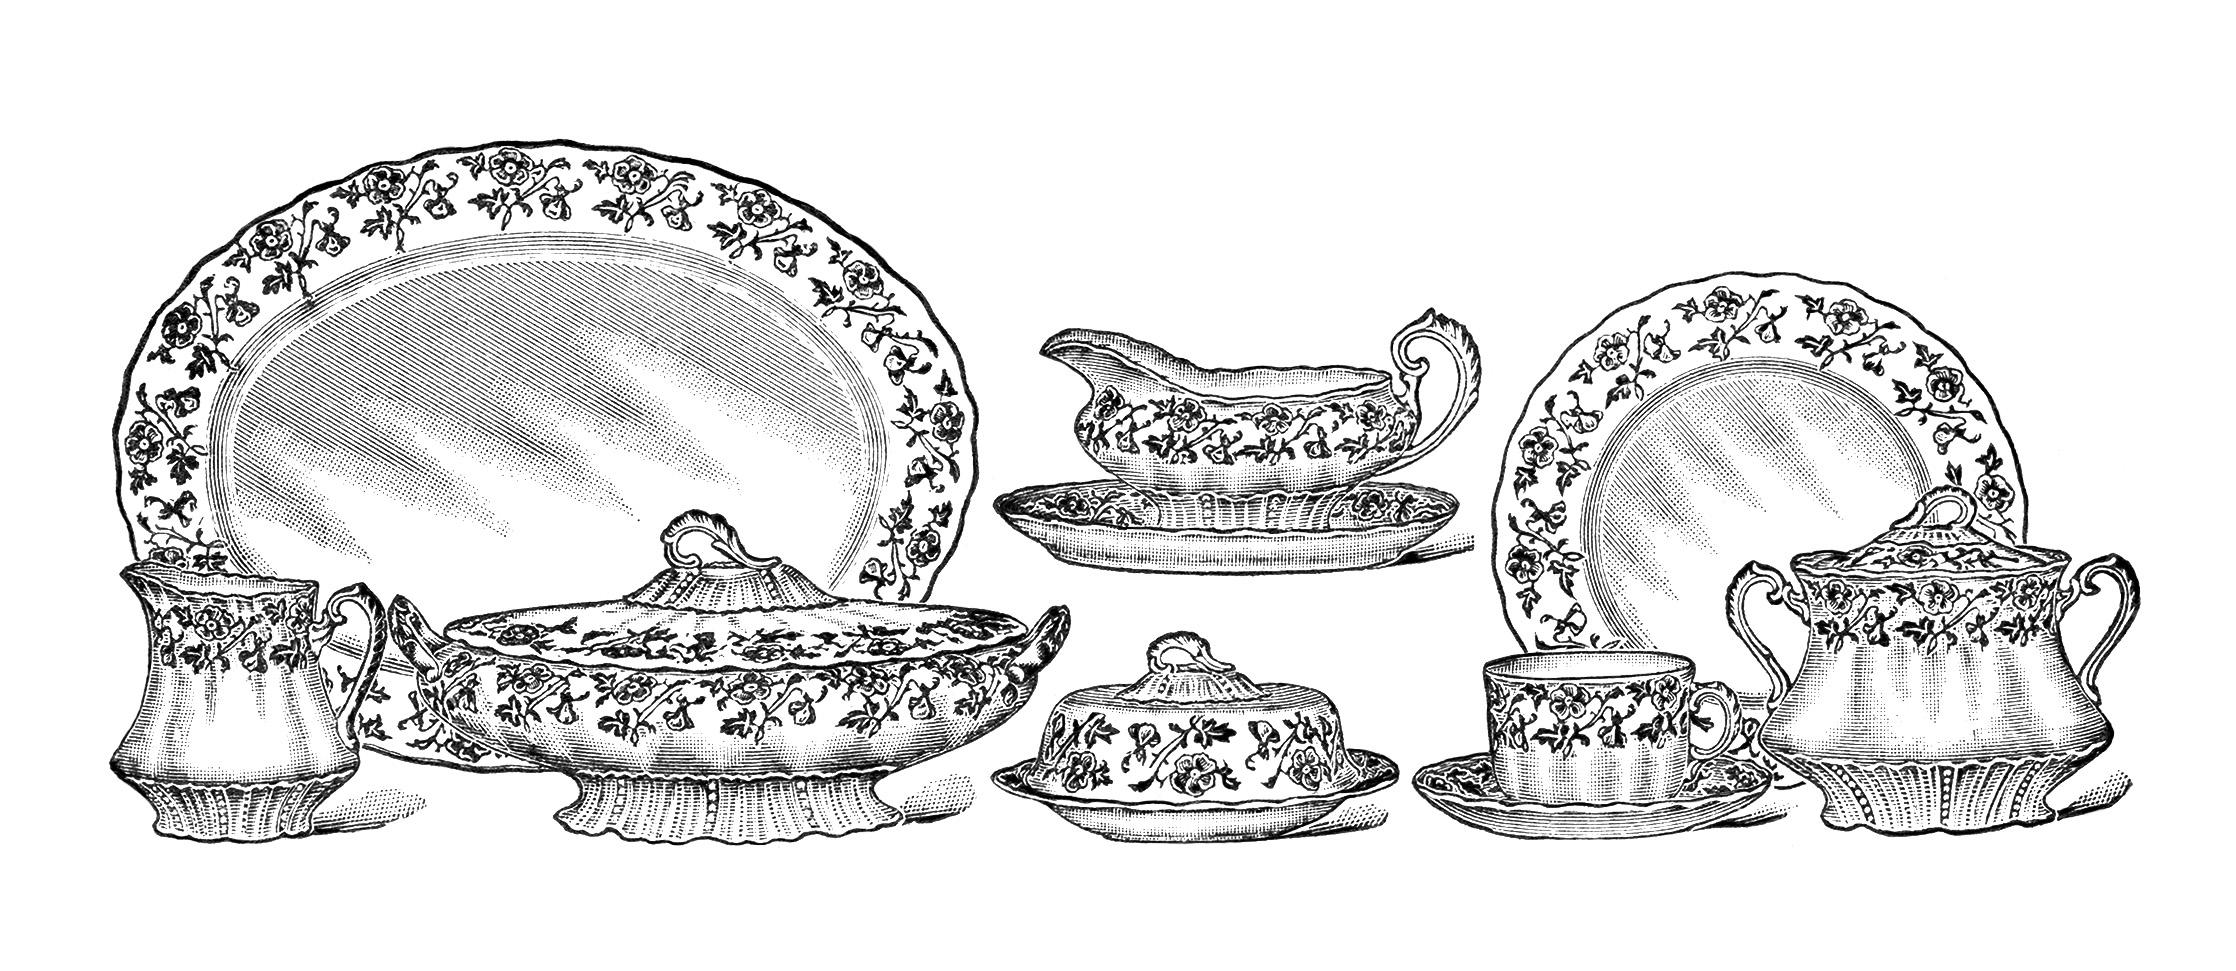 Free Vintage Image Dinner Sets Clip Art | Old Design Shop Blog